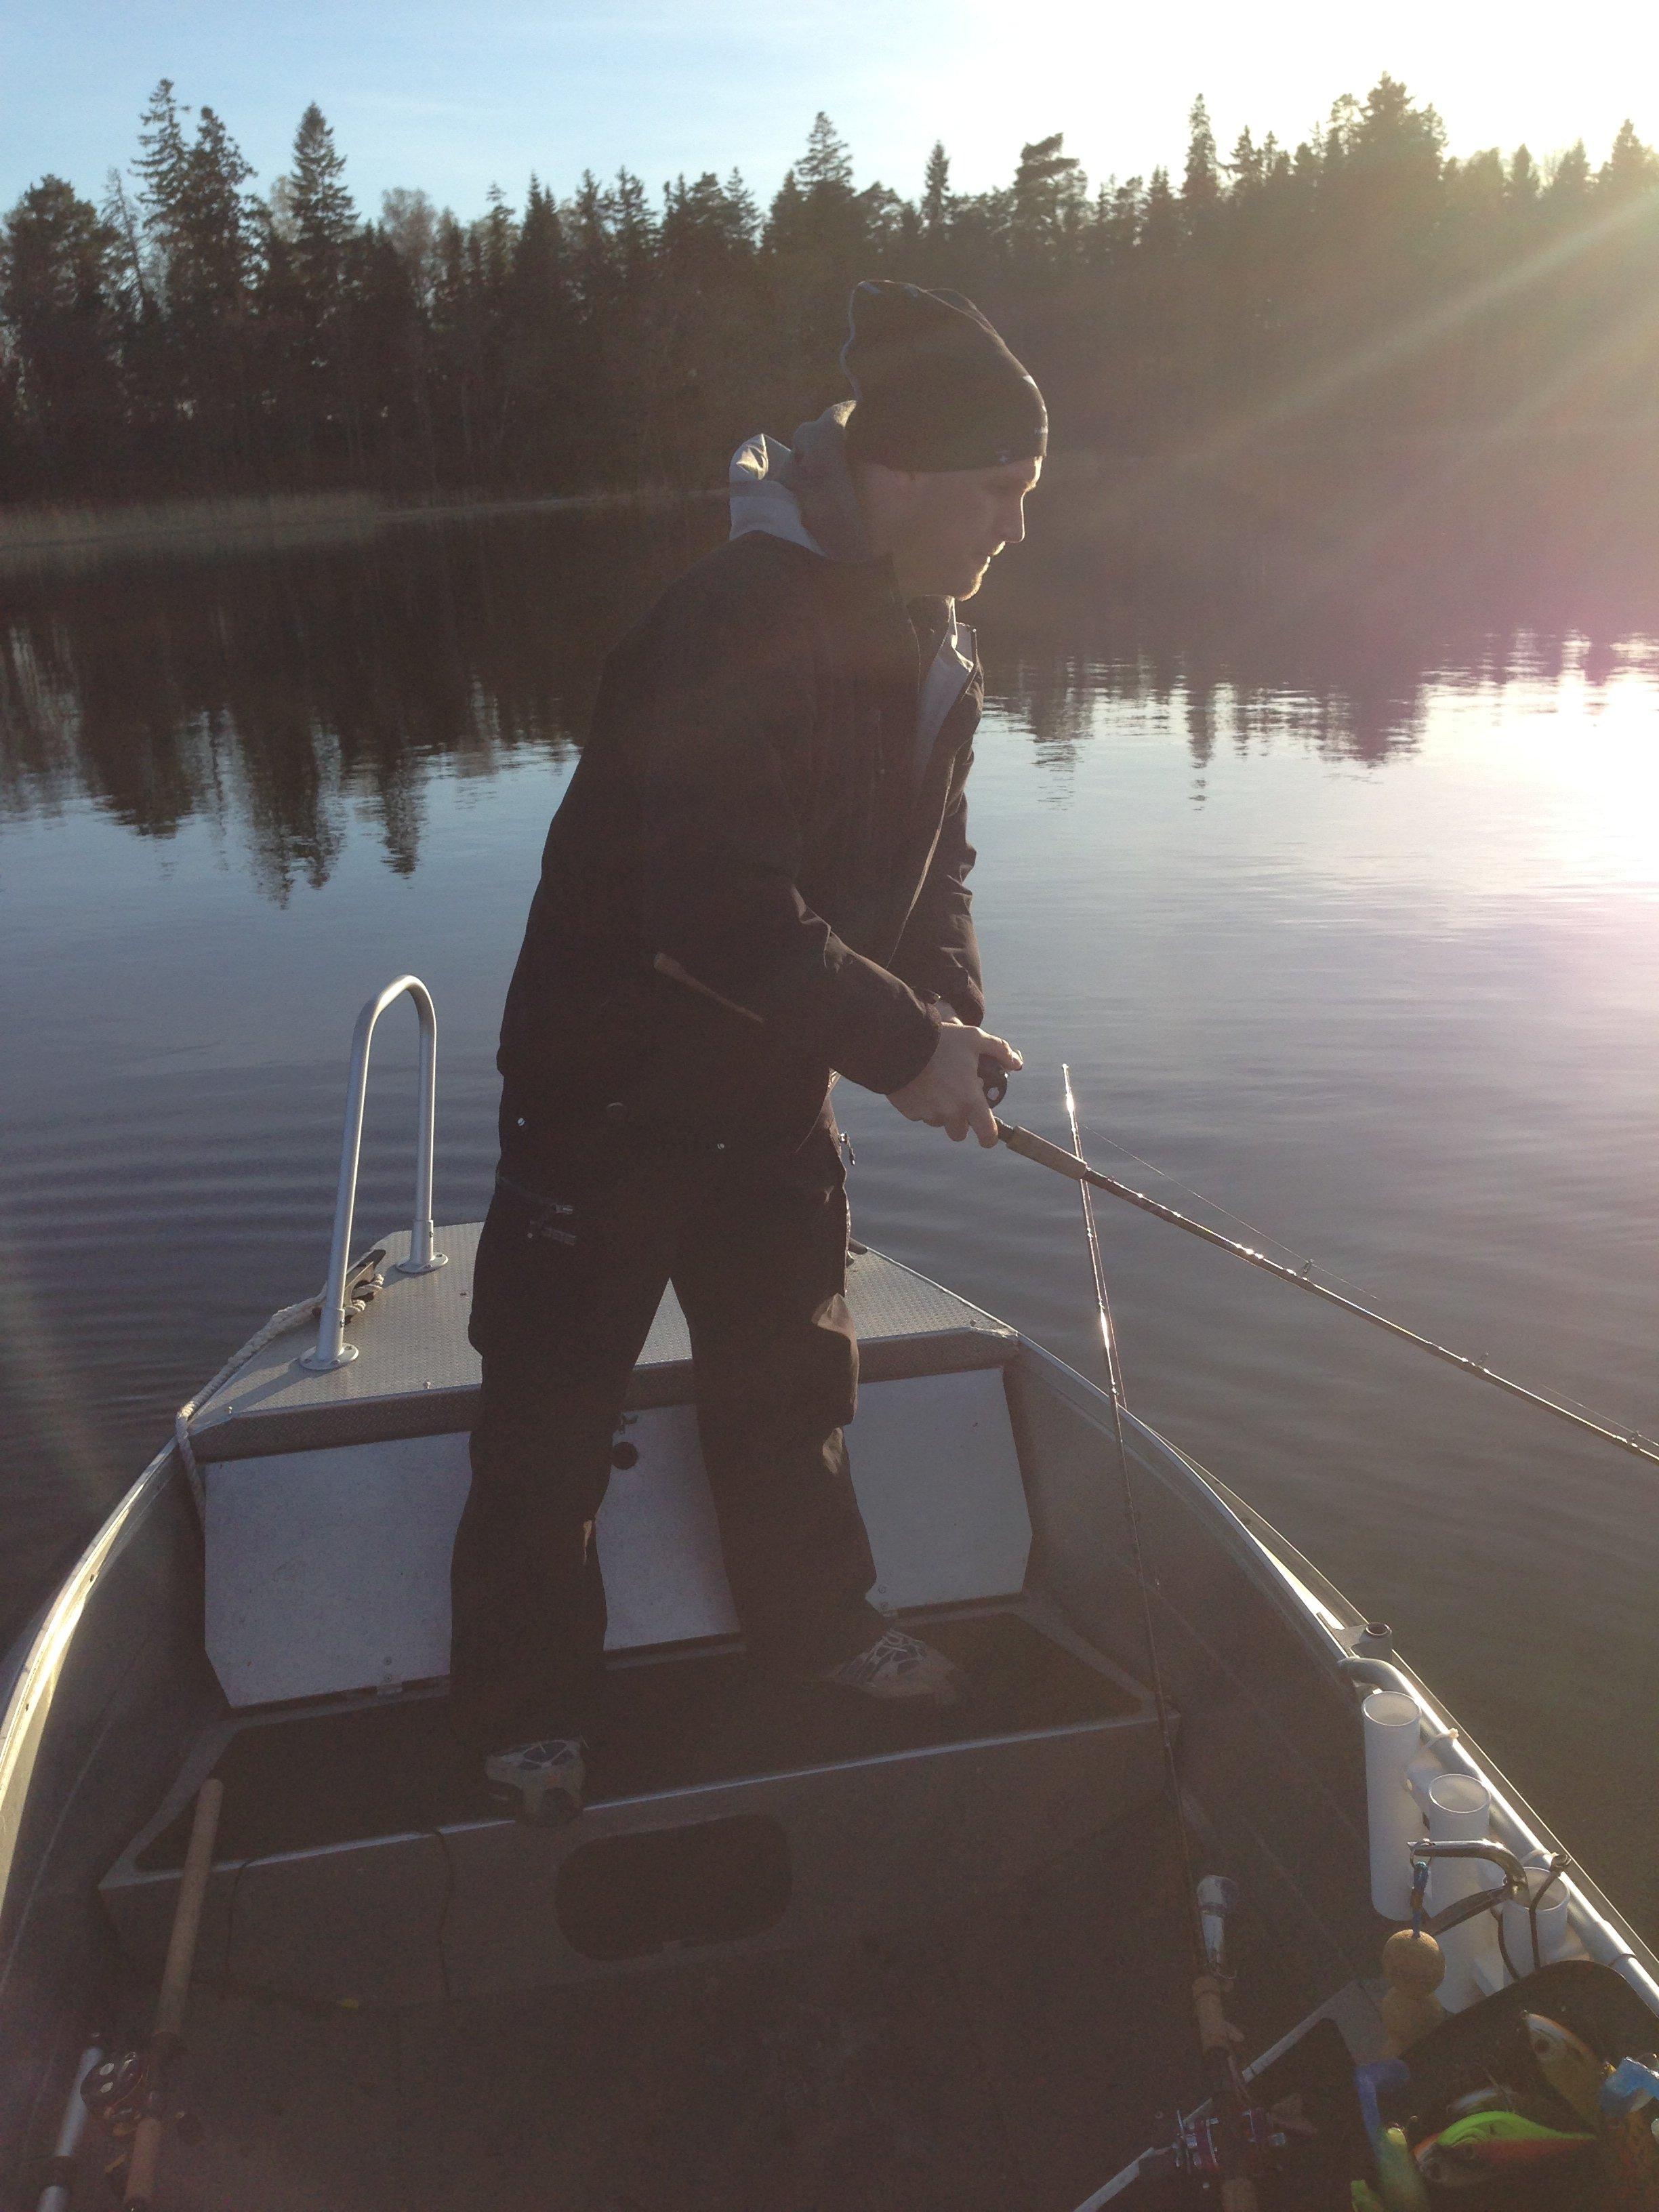 Inte helt ovanlig bild av fiske på båten före fiskeplattformen